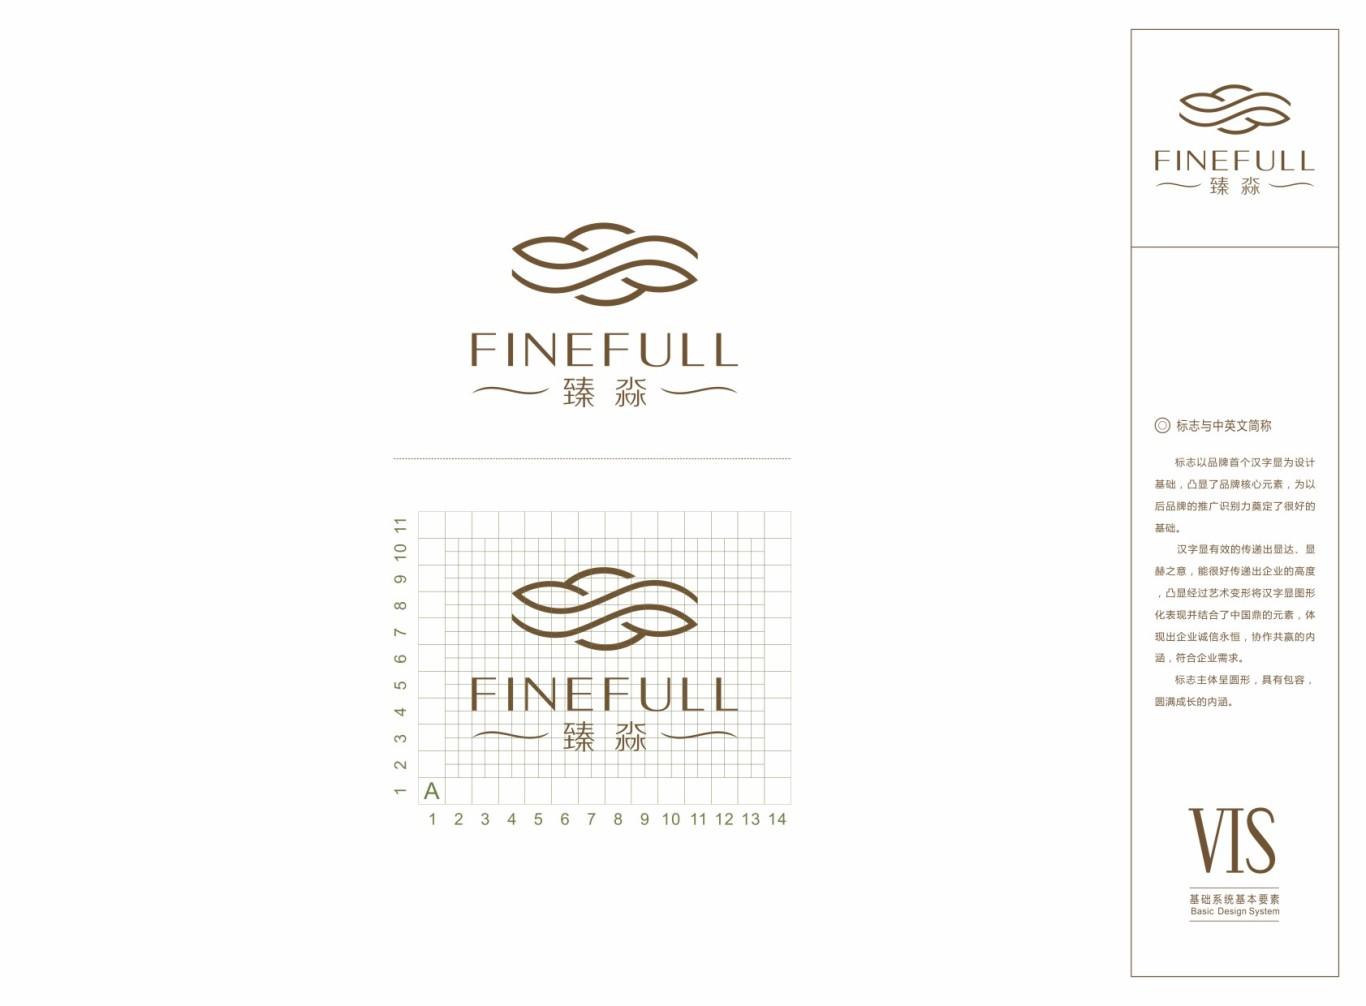 北京五星级FINEFULL-SPA水疗中心标志及VI设计图9